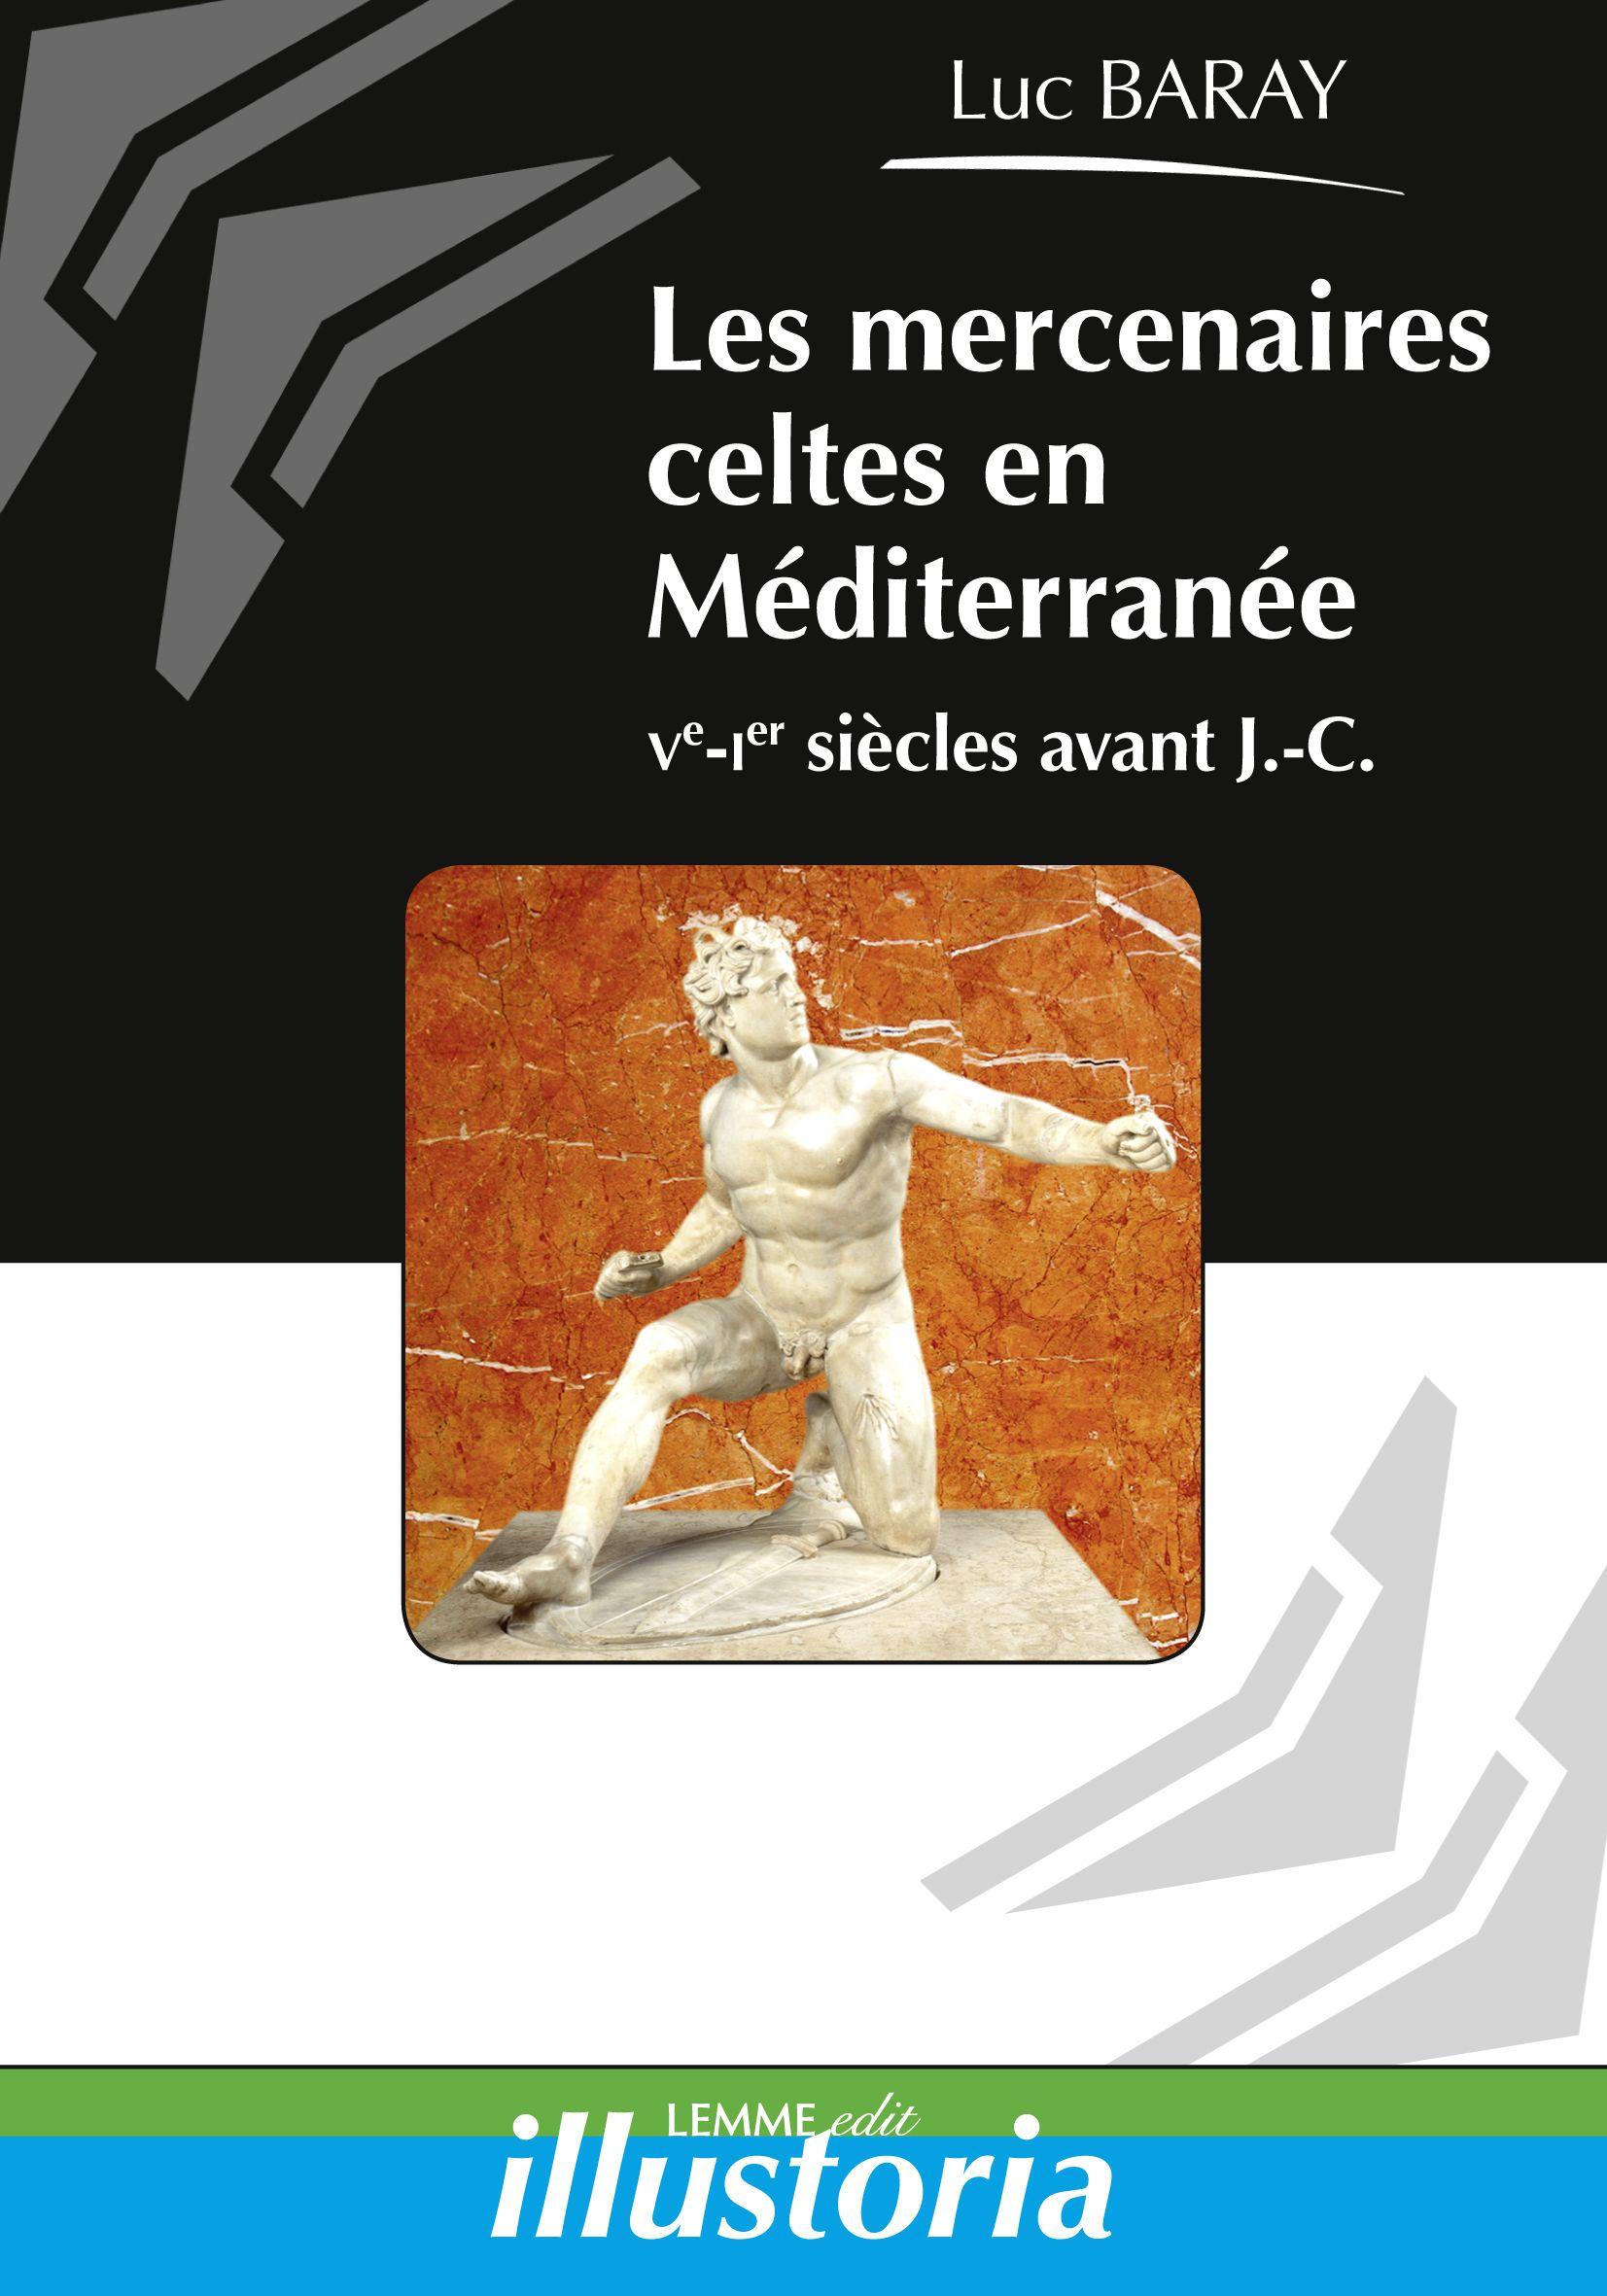 Les mercenaires celtes en Méditerranée, Luc Baray, ouvrage histoire ancienne, histoire romaine, Mercenaires, Celtes, Gaulois, Barbares.